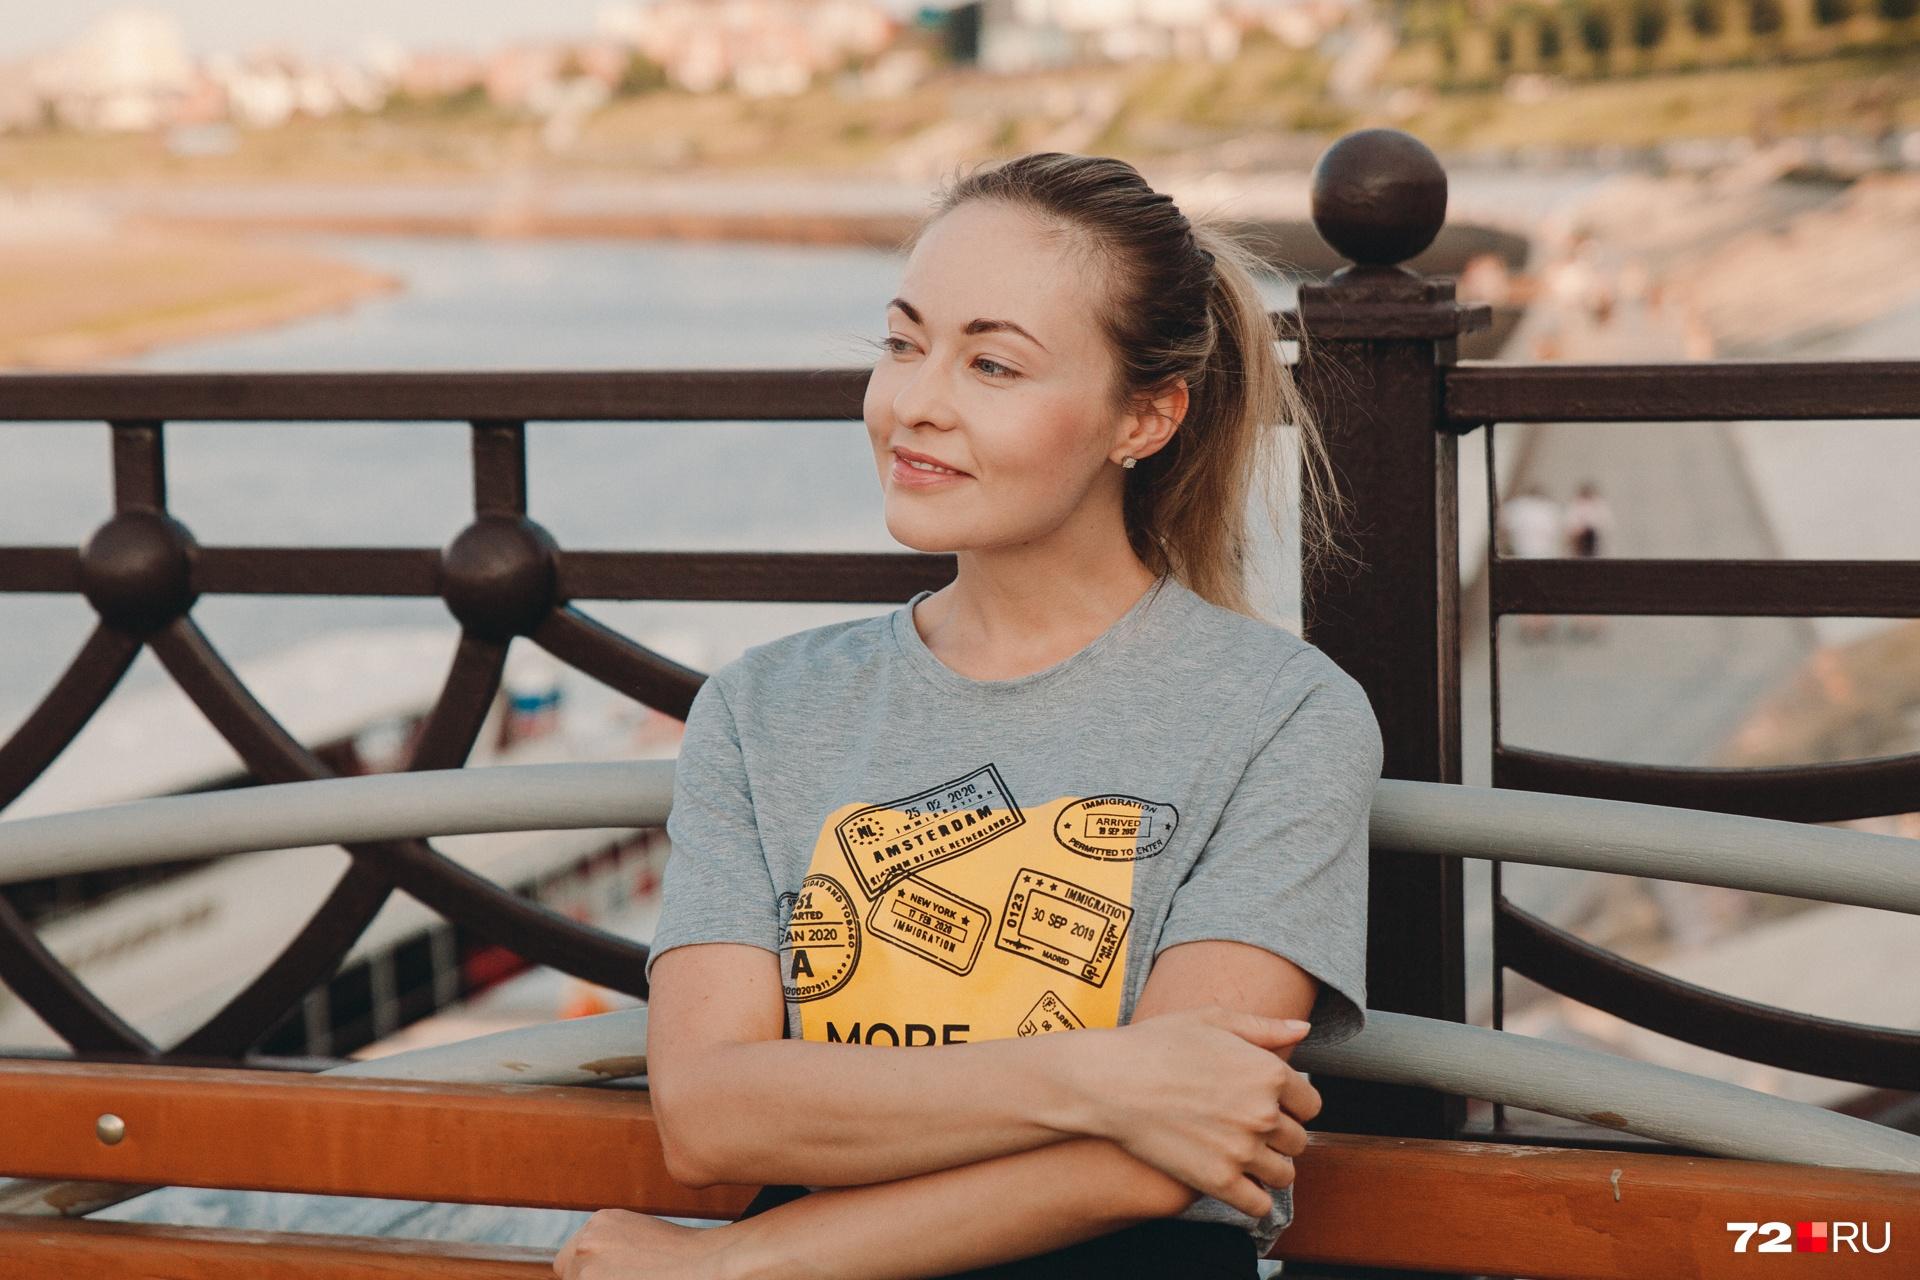 Девушка несколько лет назад переехала в Тюмень за своим молодым человеком